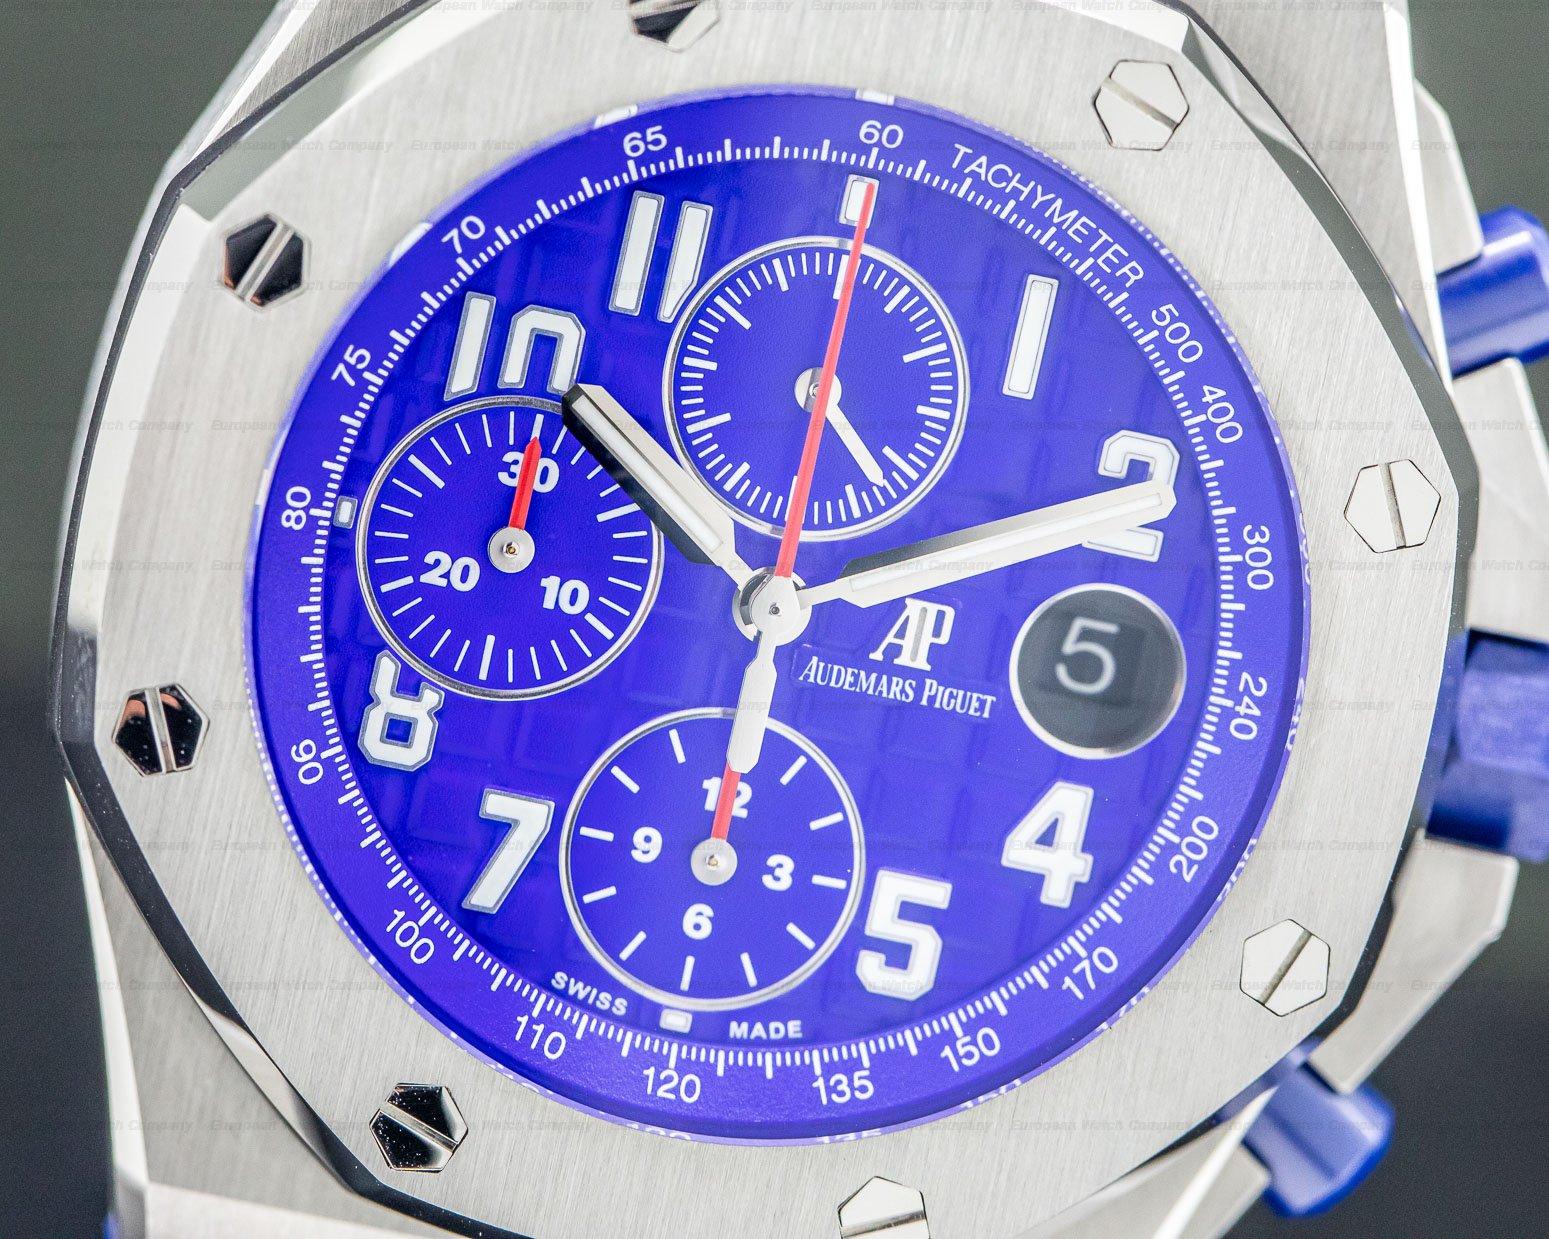 Audemars Piguet 26470ST.OO.A030CA.01 Royal Oak Offshore Blue Dial SS / Rubber